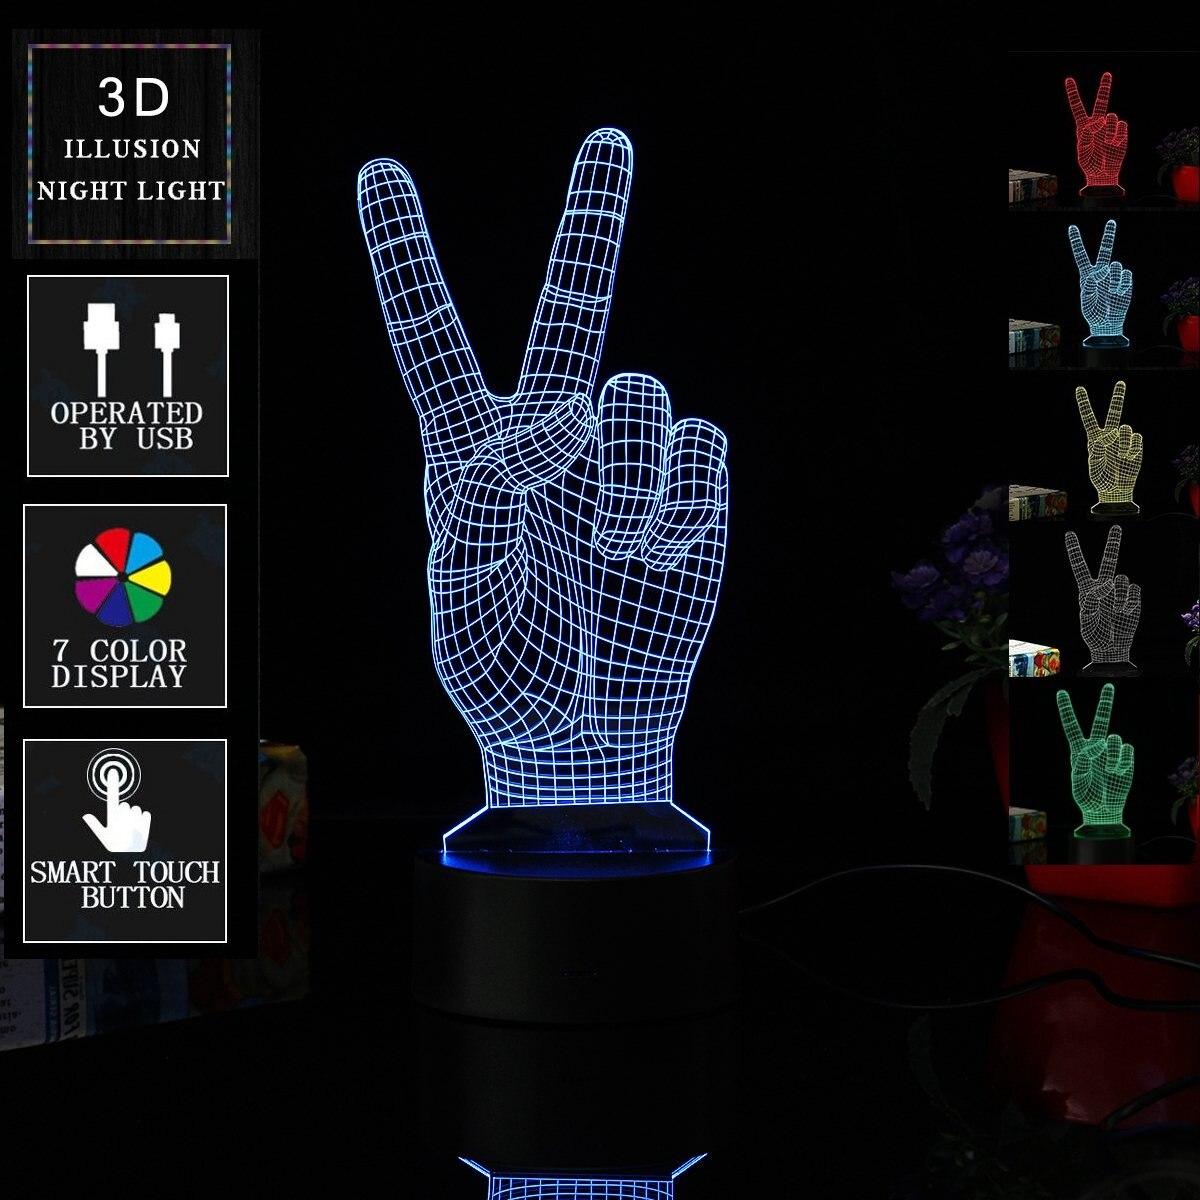 נצחון יד בצורת צבעוני LED לילה אור מתג חיישן מגע 3D USB כוח סוללה מנורת שולחן שולחן בית בר קפה דקור